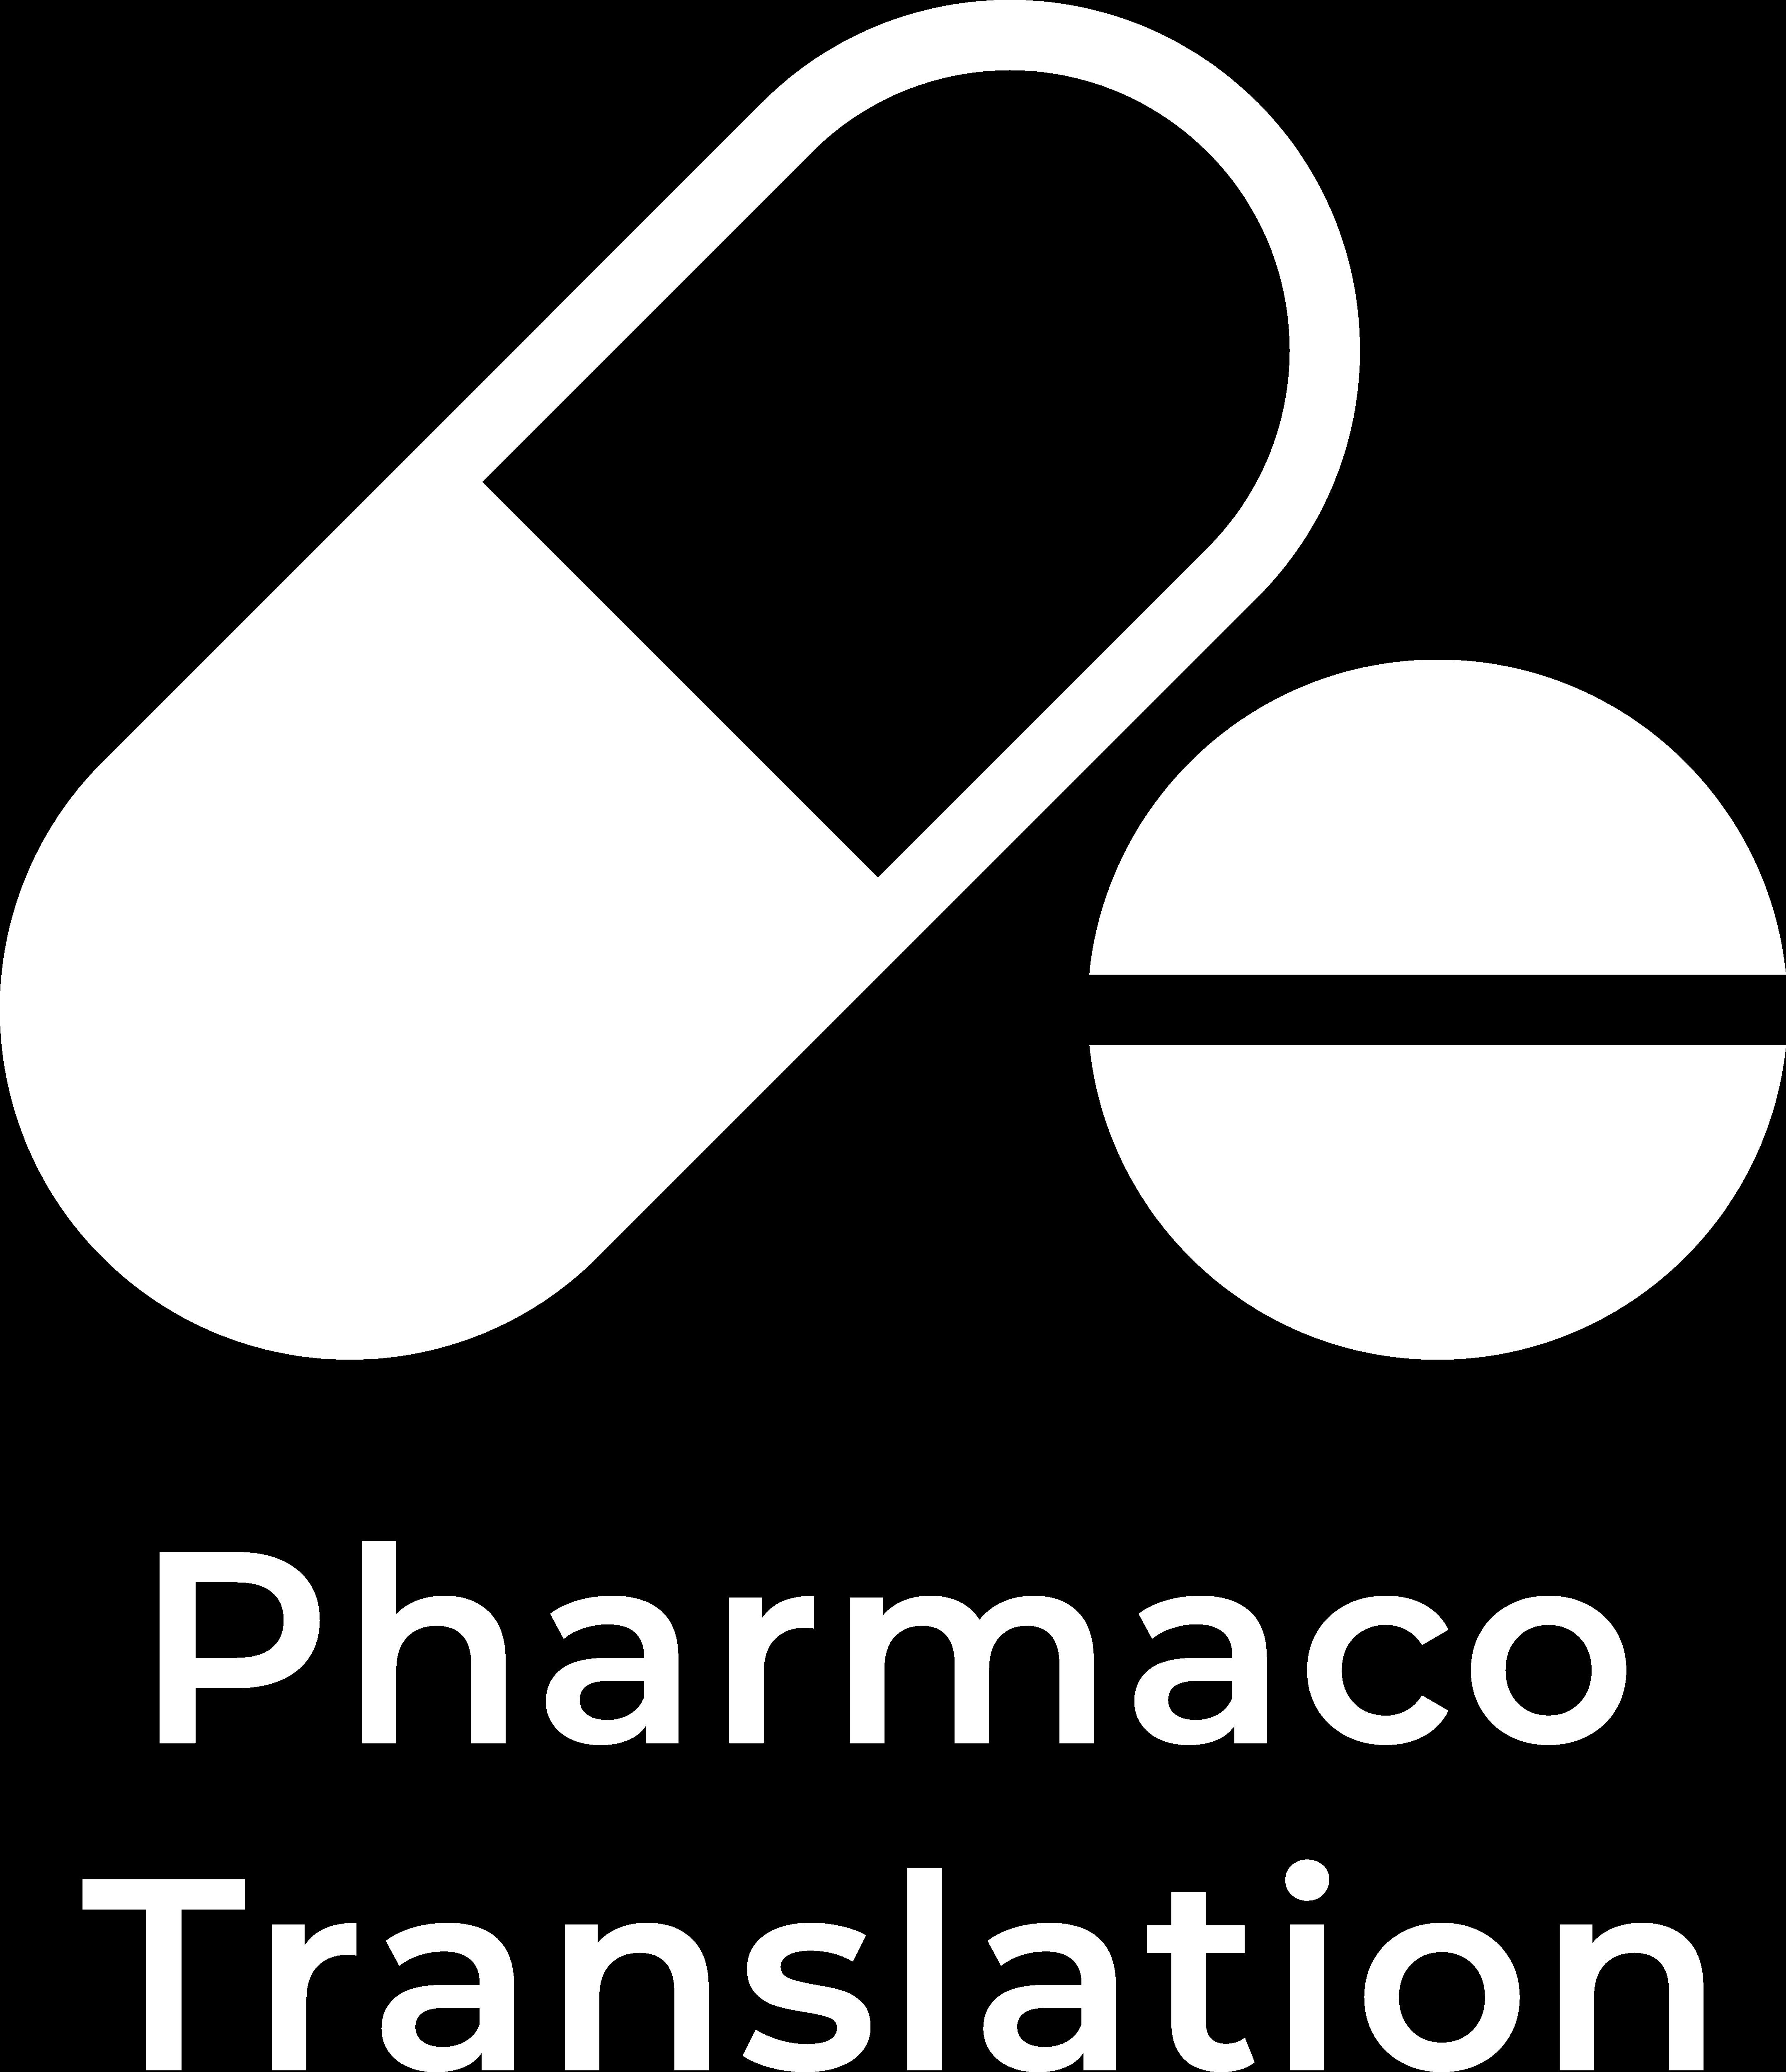 Pharmaco Translation